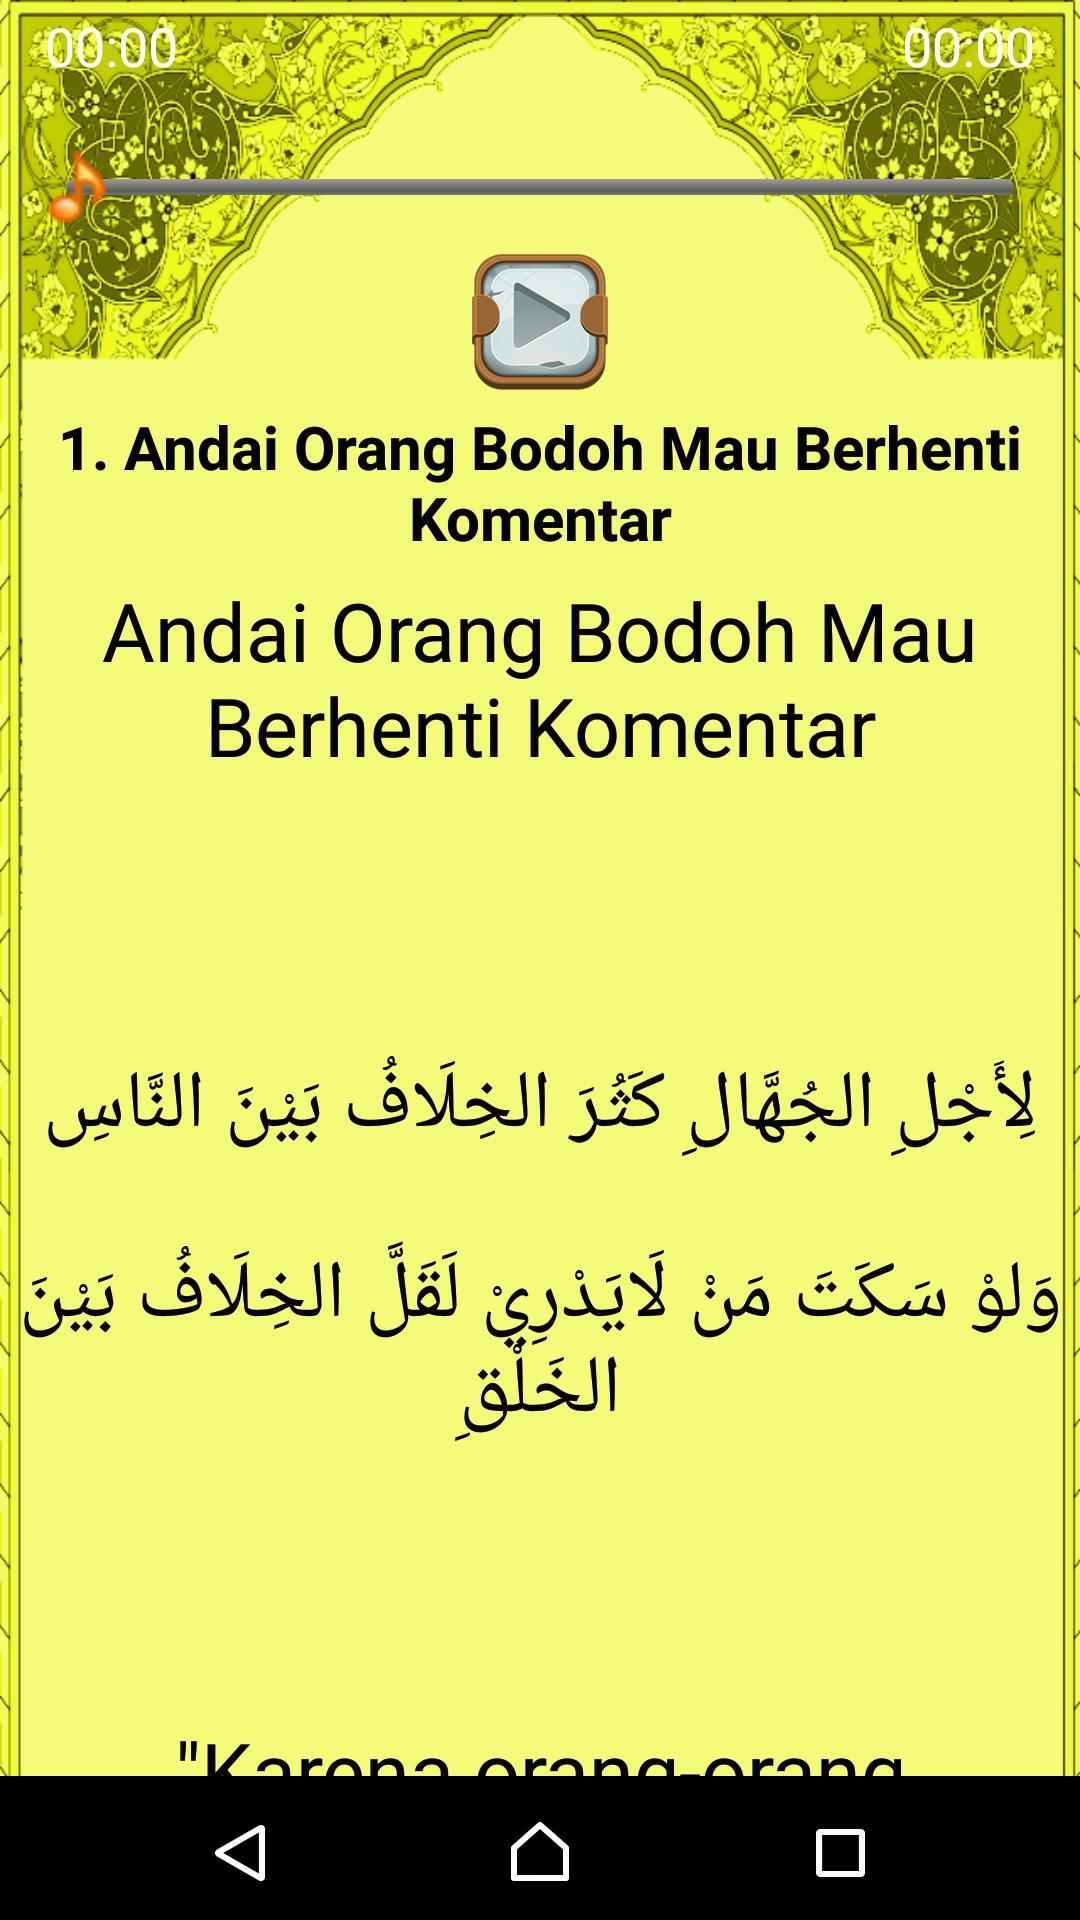 Quote Islami Quran Hadits Für Android Apk Herunterladen